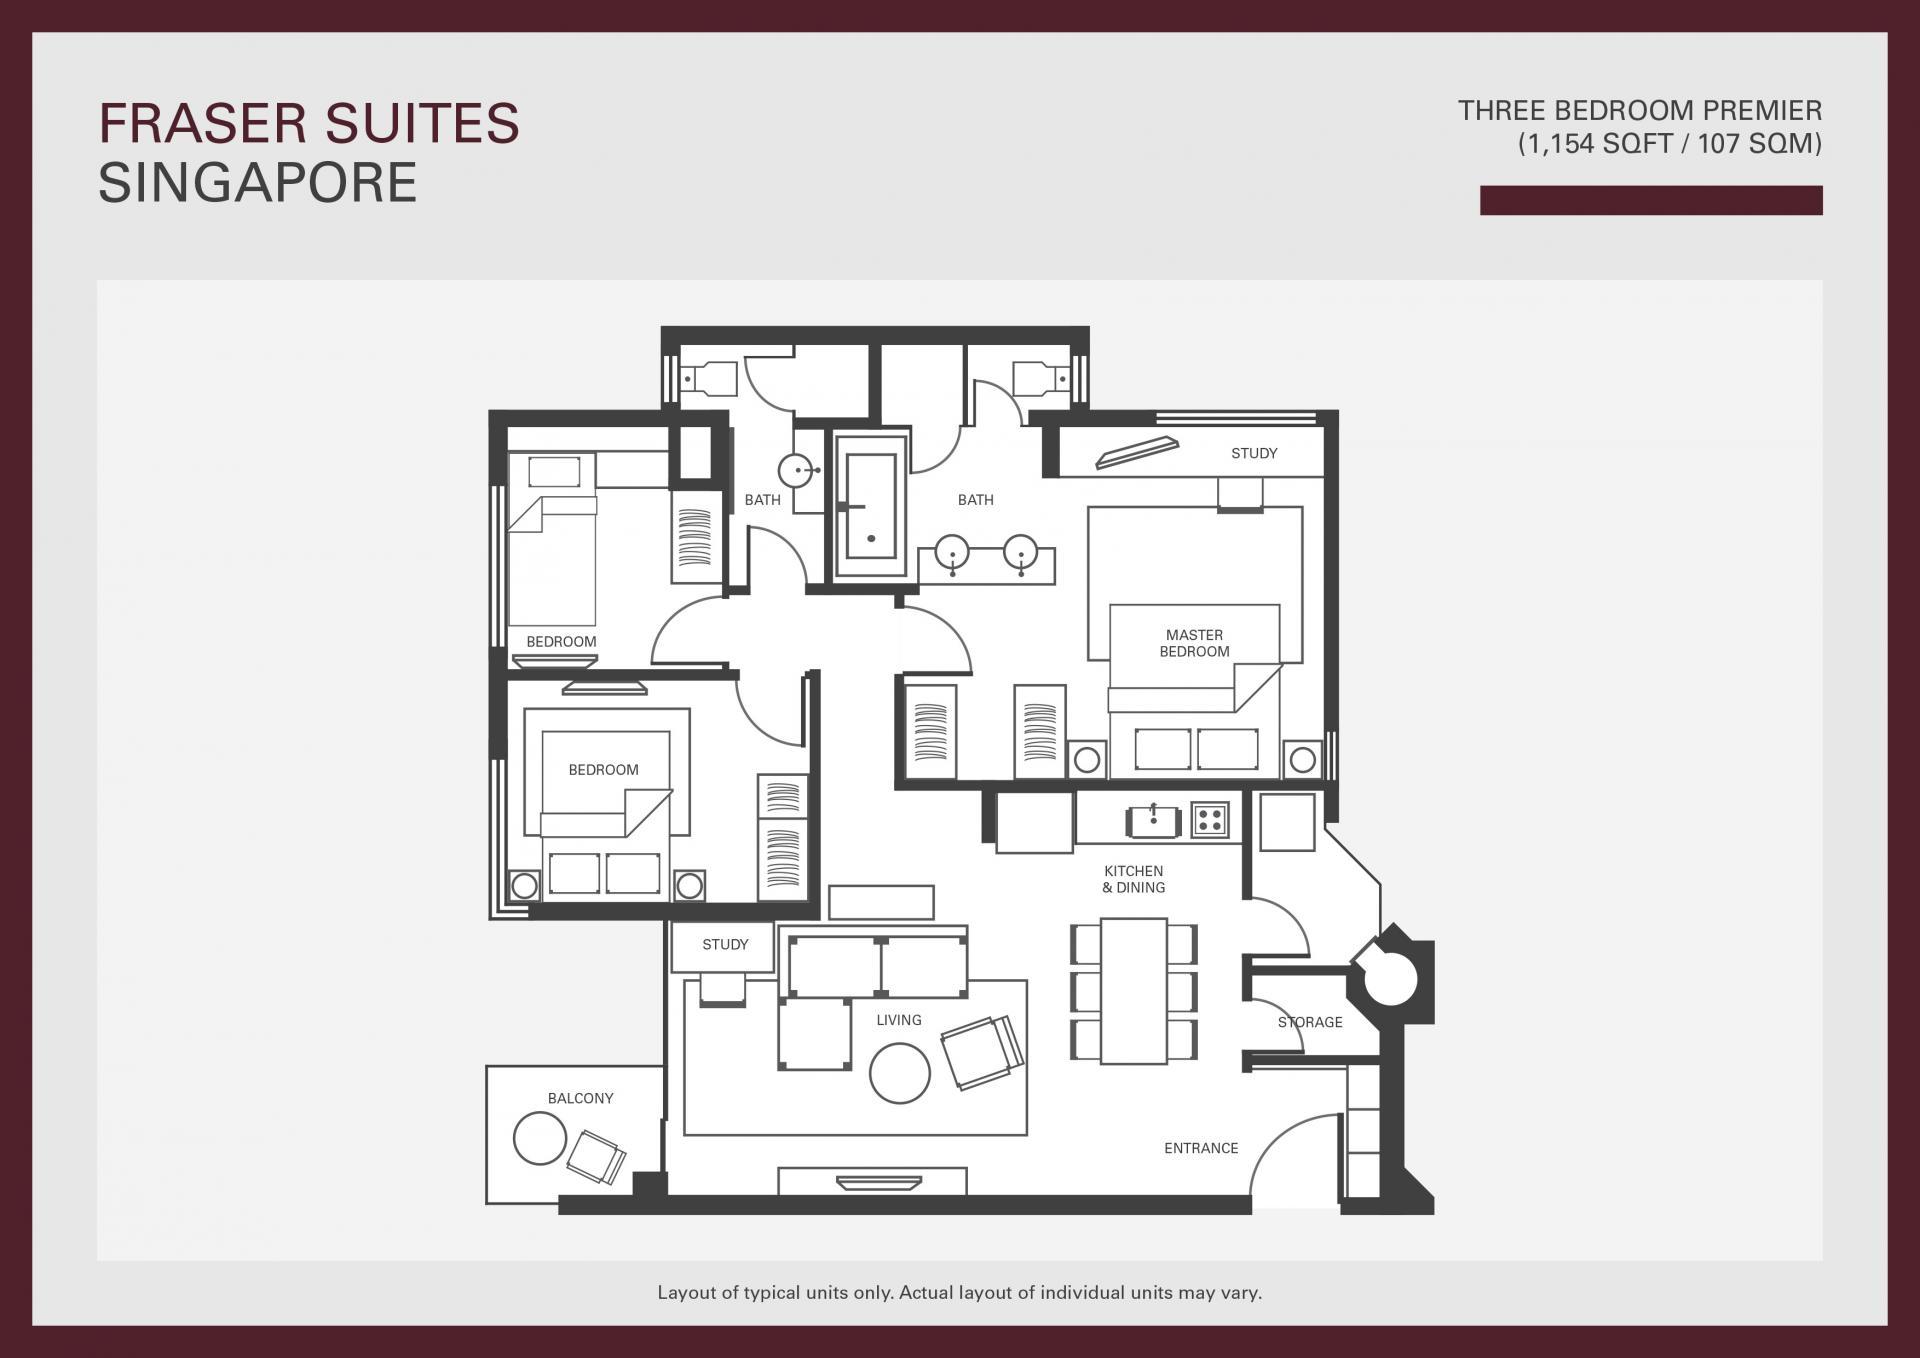 Floorplan 3 at Fraser Suites Singapore